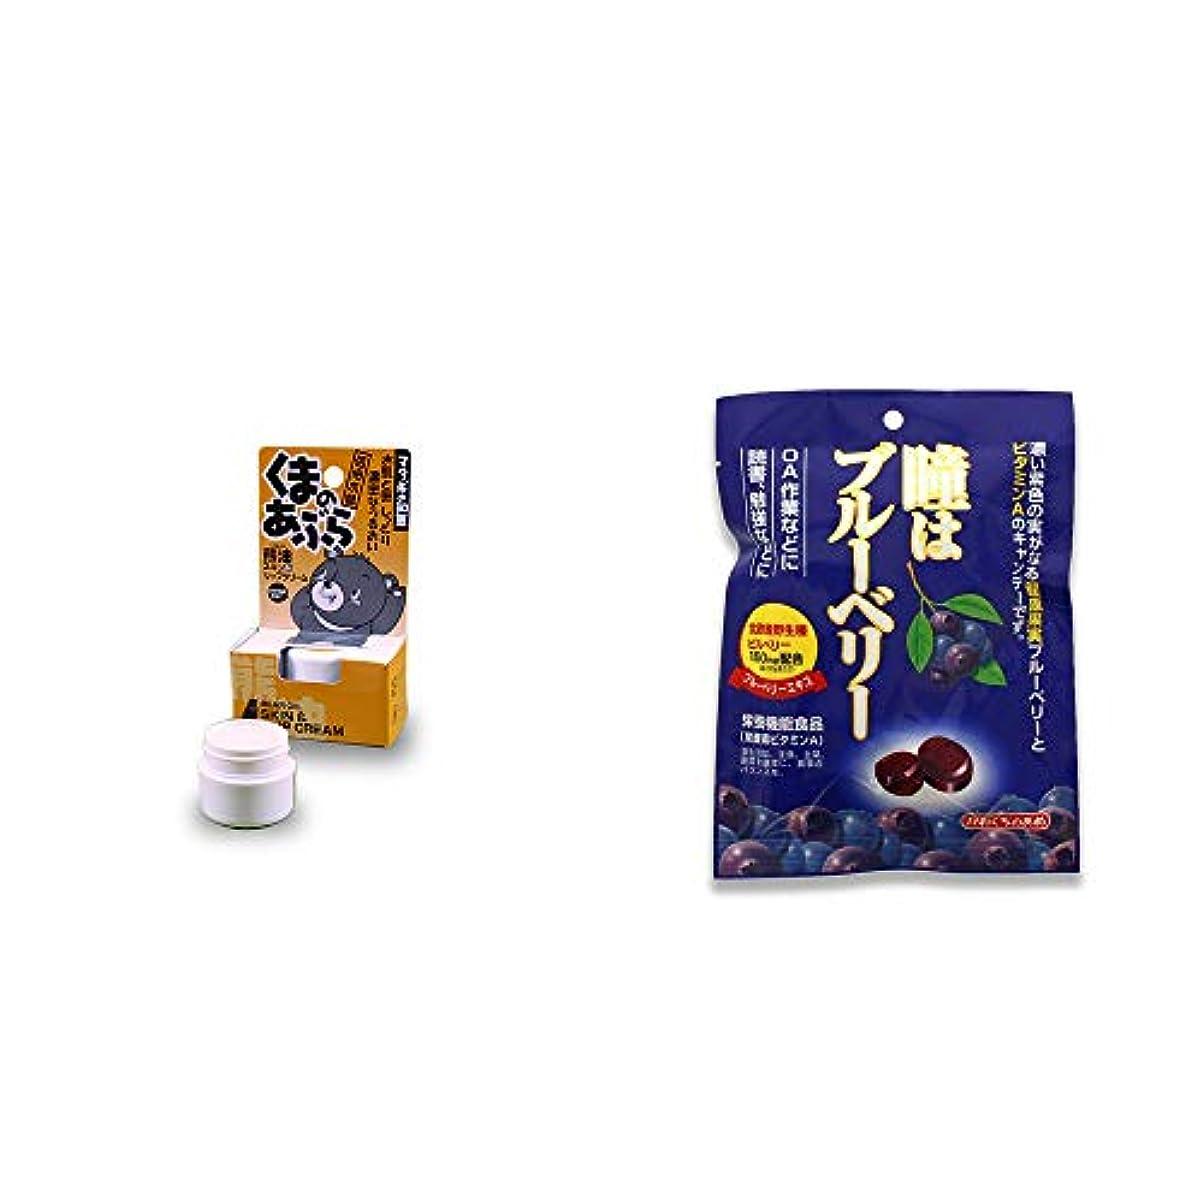 泣いている同等の有料[2点セット] 信州木曽 くまのあぶら 熊油スキン&リップクリーム(9g)?瞳はブルーベリー 健康機能食品[ビタミンA](100g)